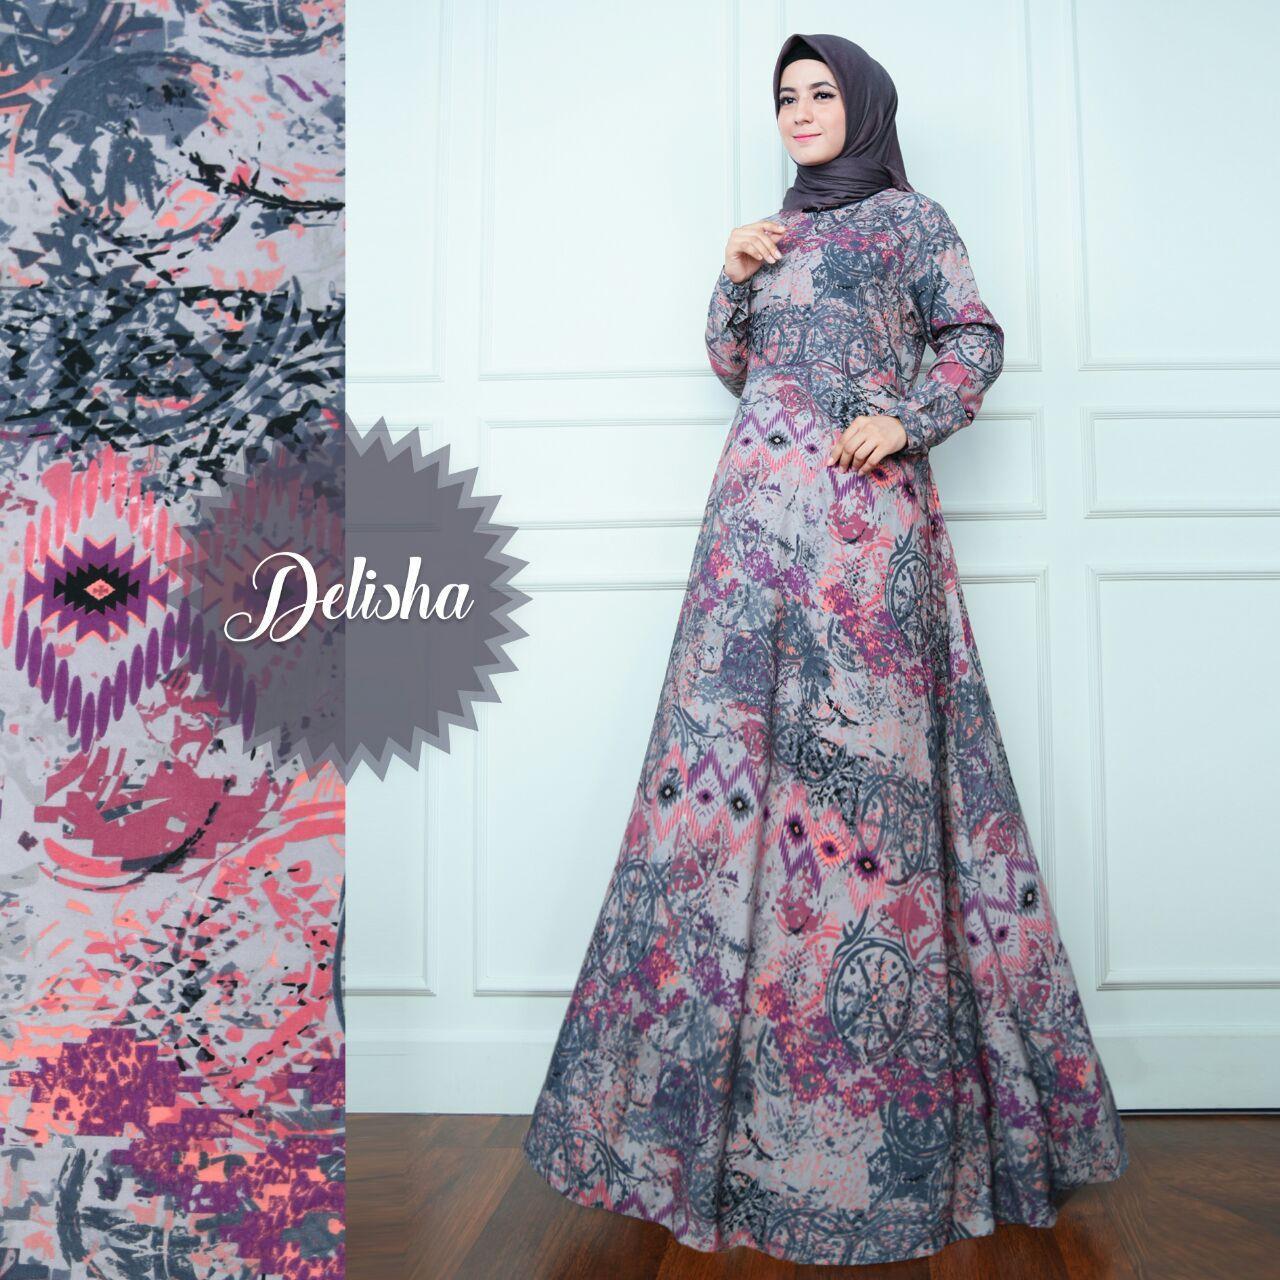 Anggun Gamis – Fashion Wanita - Gamis Muslimah – Gamis Murah – Gamis Kekinian – Satu Set Kerudung - Bahan Monalisa – Delisha